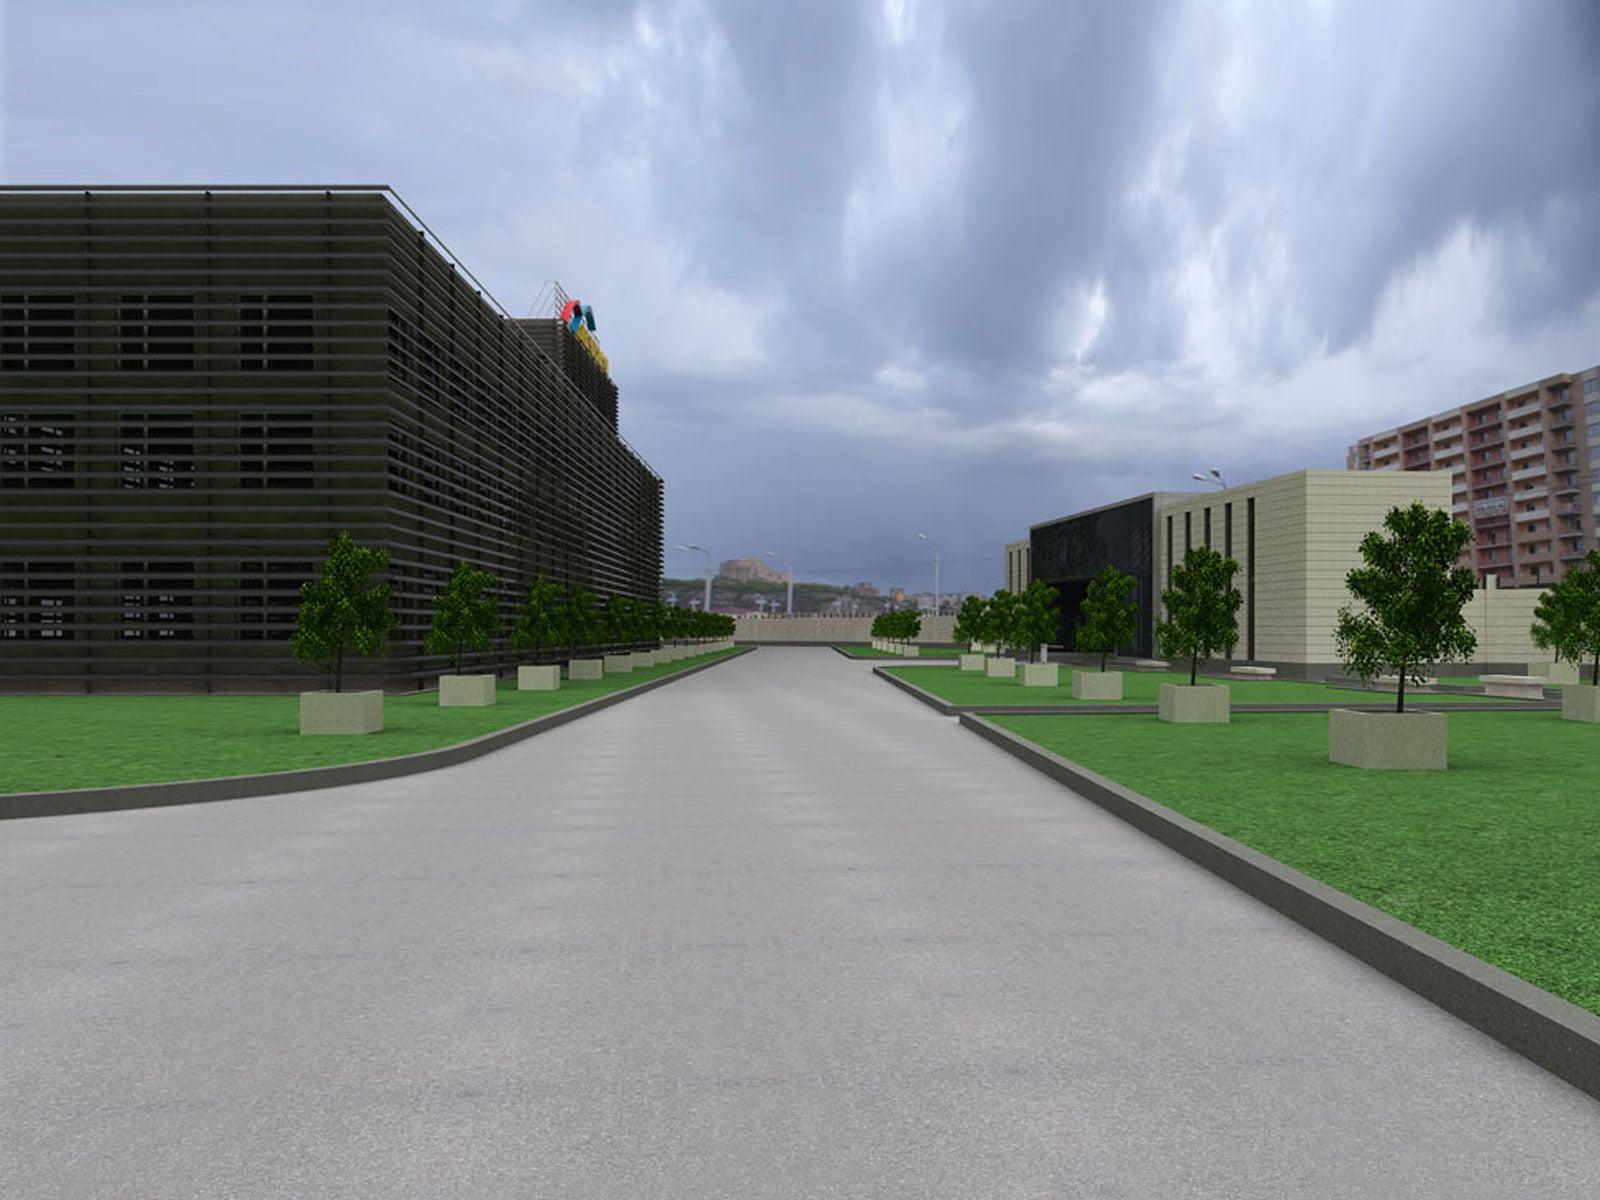 kartinka vizualizatsii proyekta po rekonstruktsii zdaniy i territorii Armenia-TV